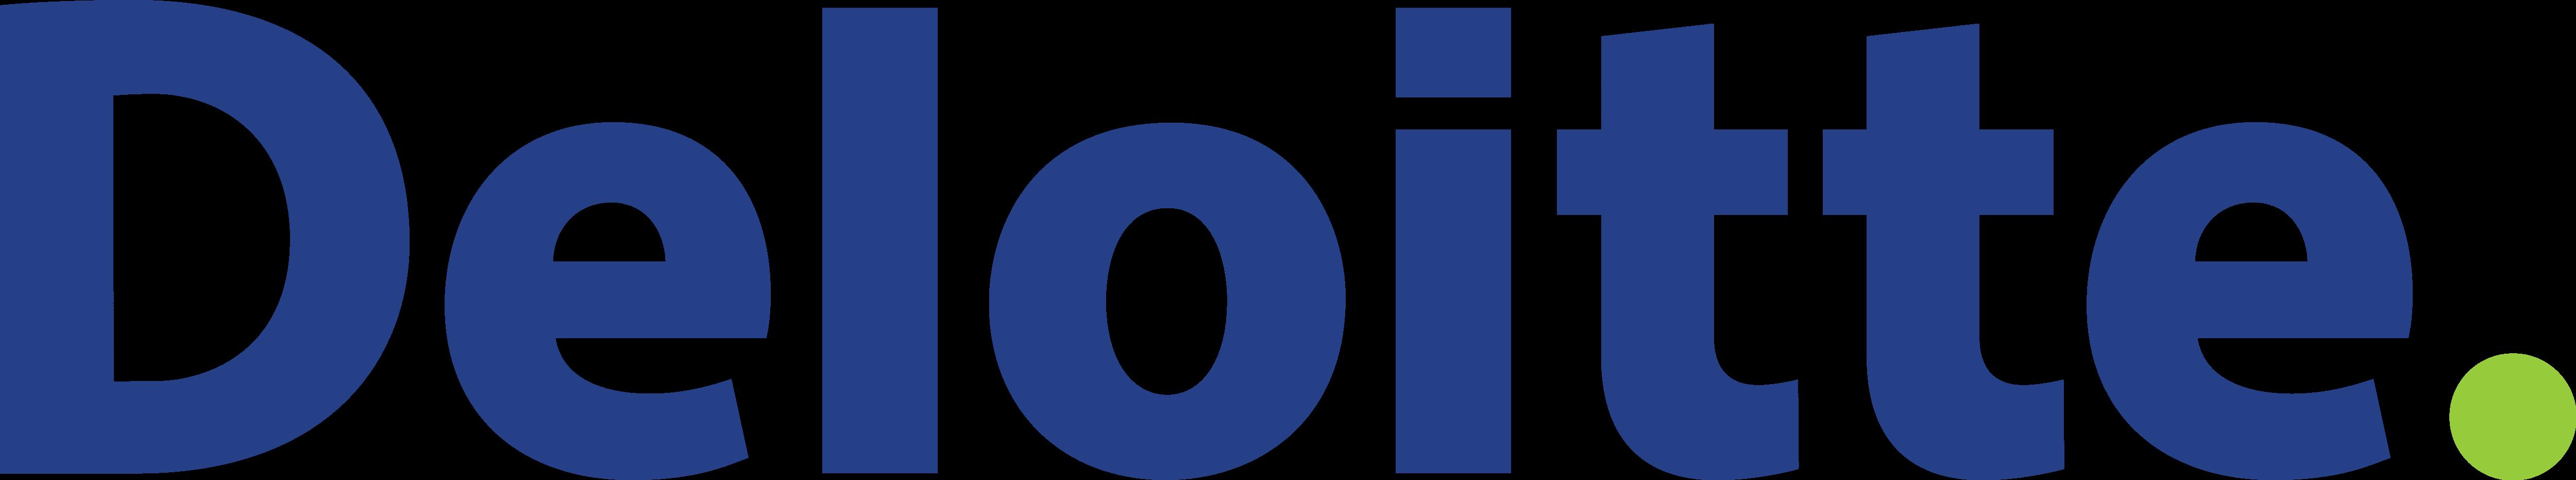 Deloitte_logo